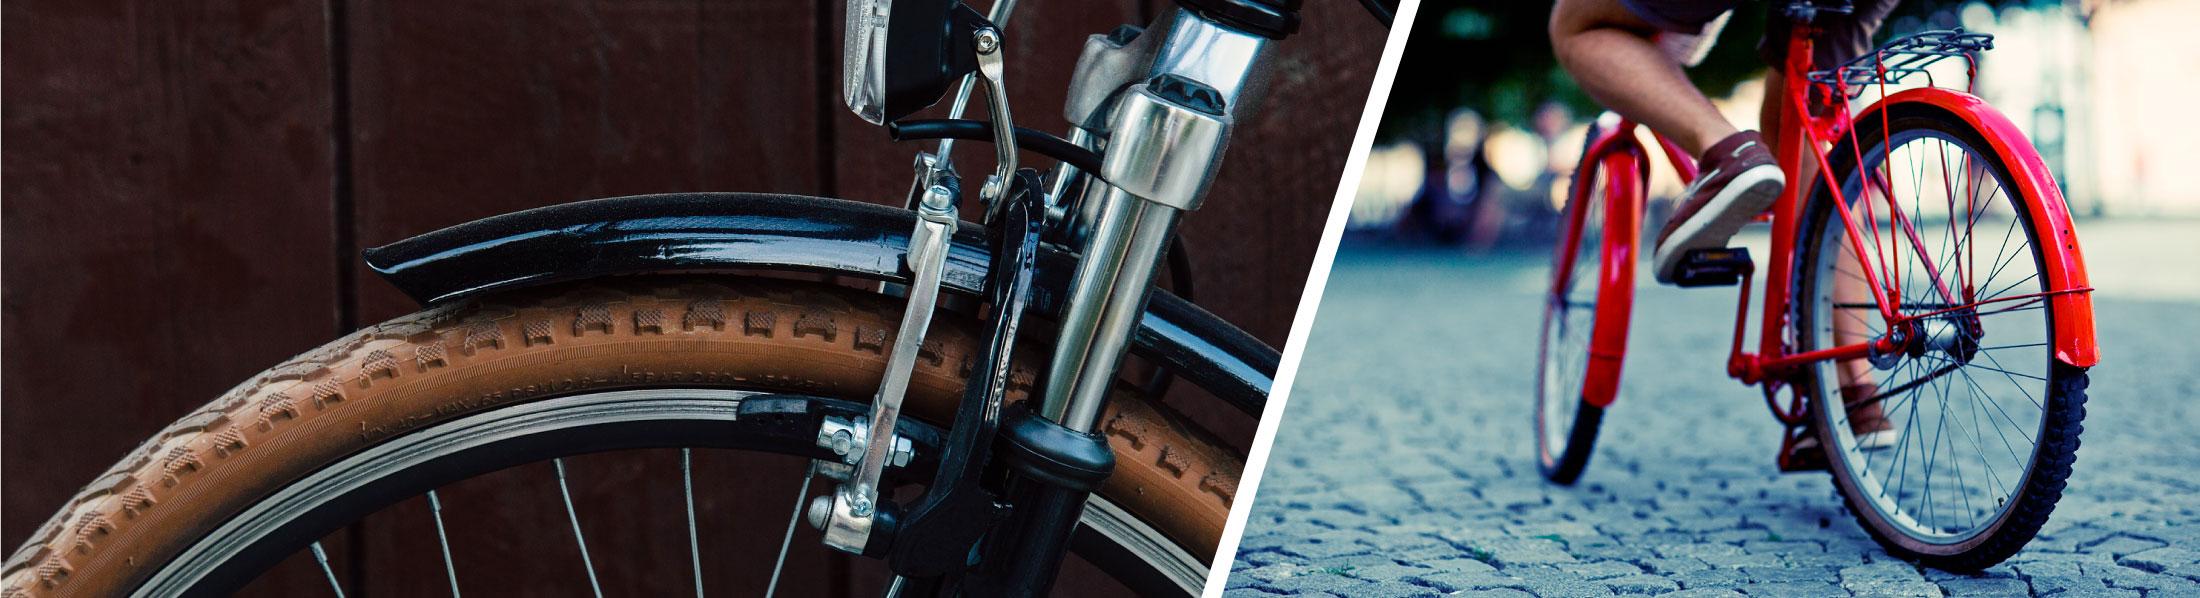 reparation af cykler og knalleter